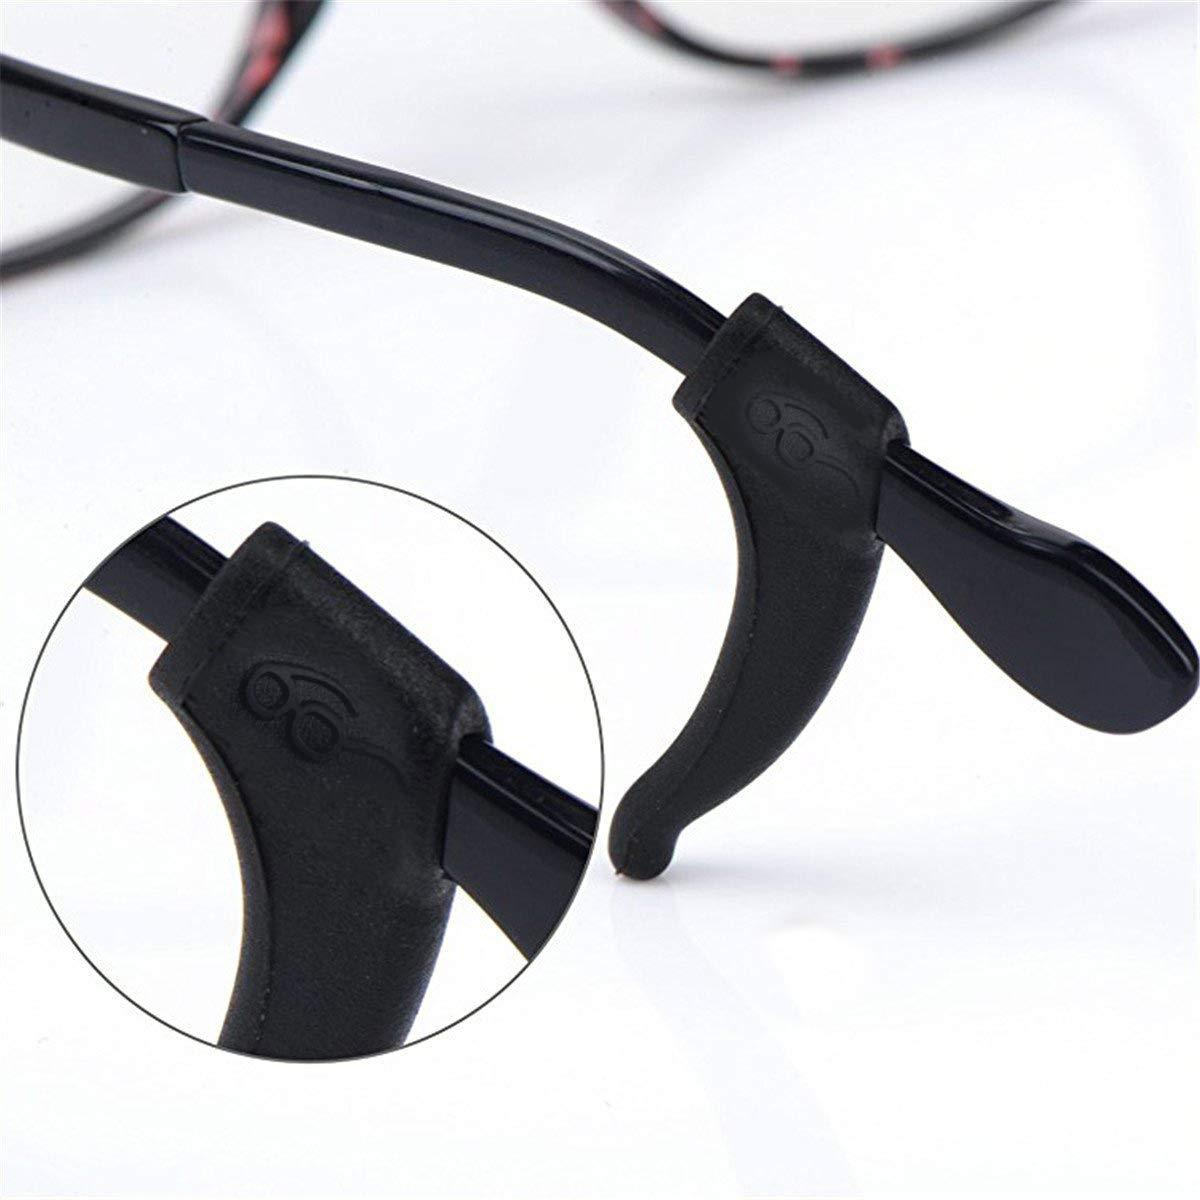 6 Paare Anti-Rutsch-Ohrb/ügel Silikon-Ohrb/ügel-Verschluss-Spitzenhalter-Griff f/ür Sonnenbrillen-Brillenbein-B/ügelspitze